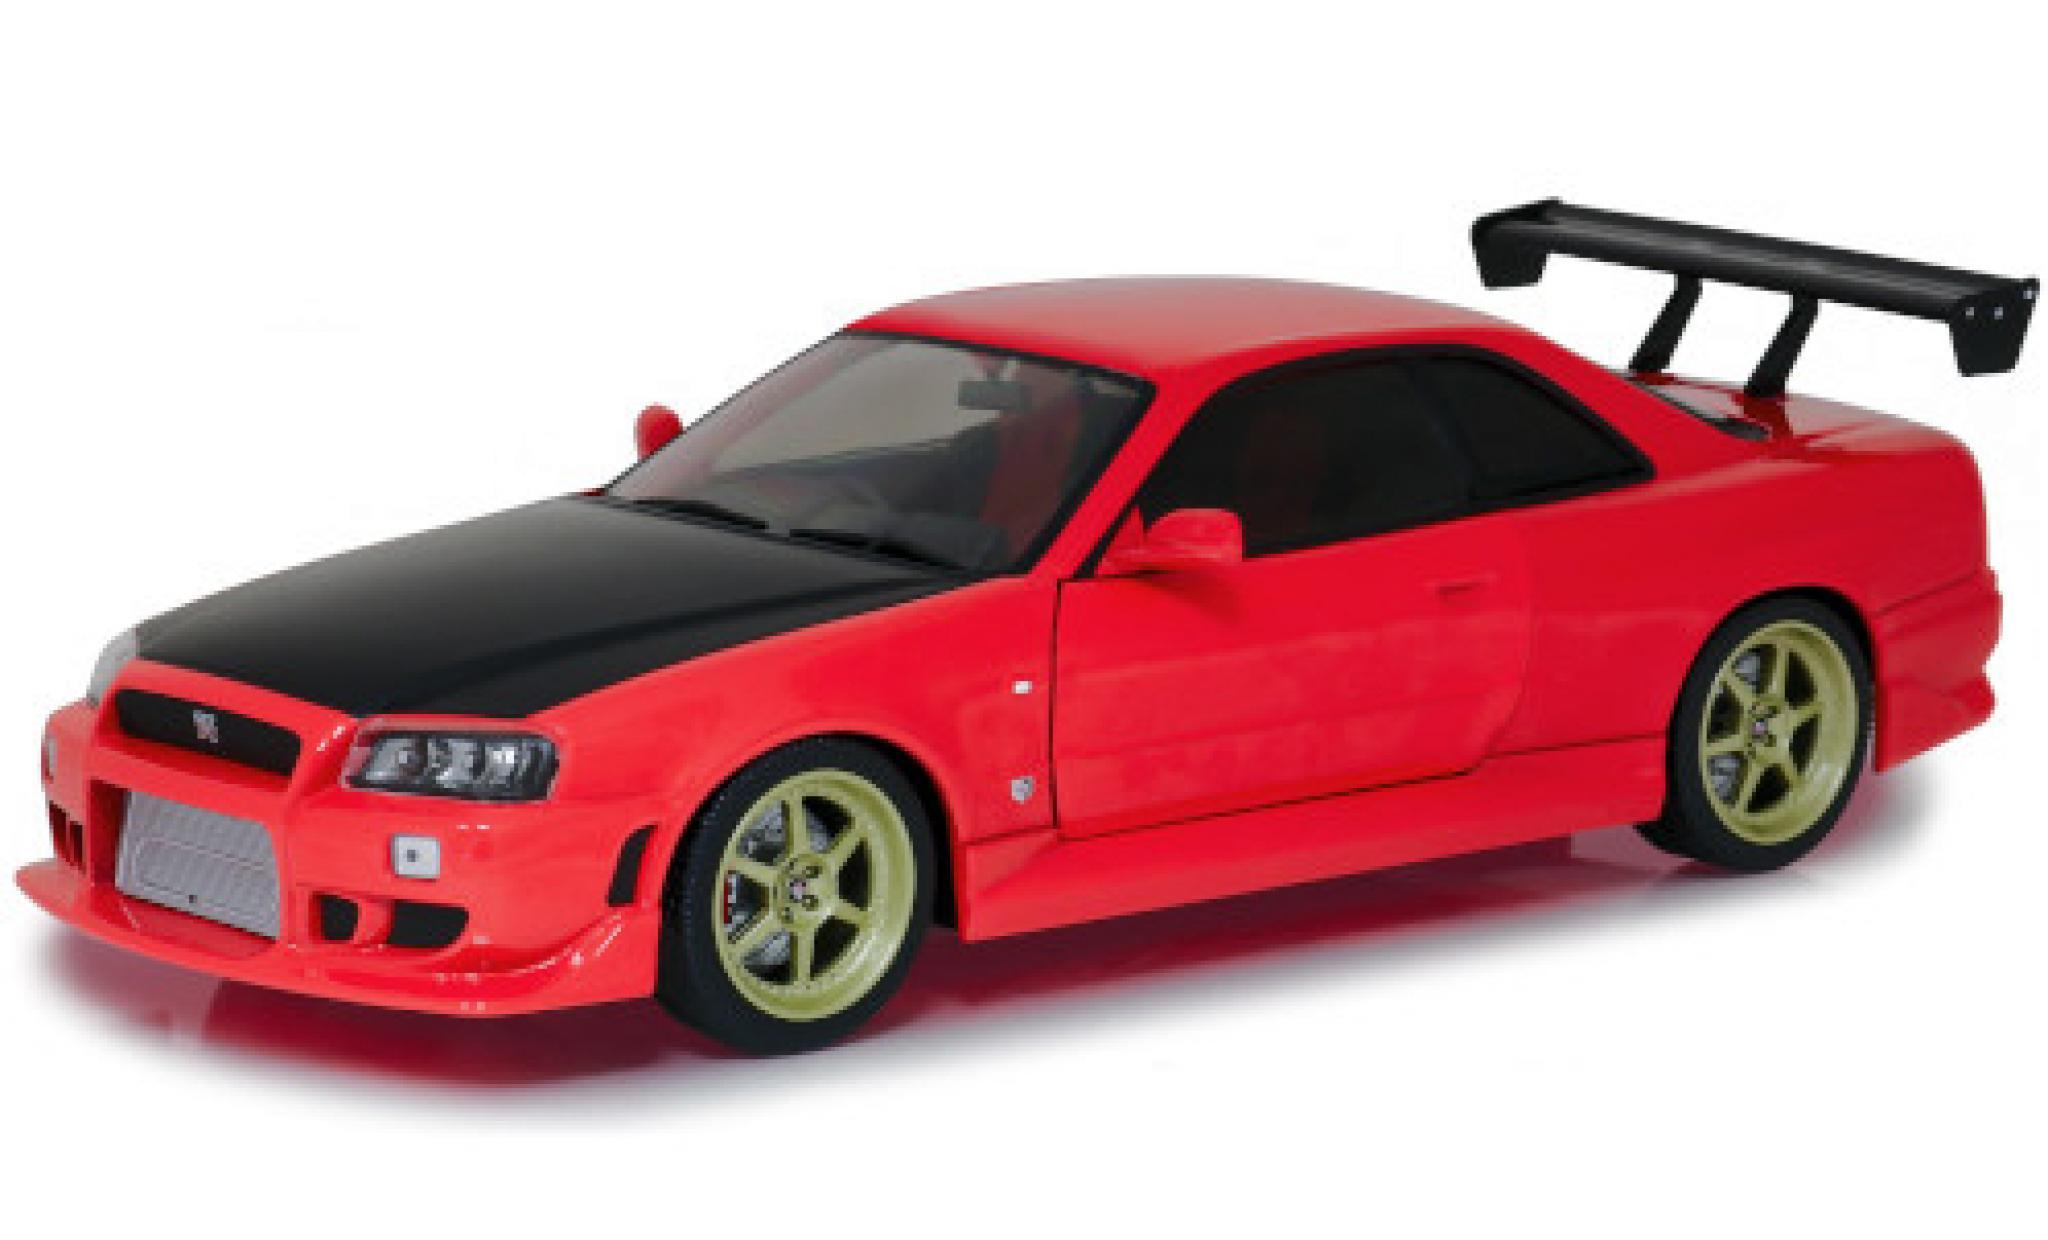 Nissan Skyline 1/18 Greenlight GT-R (R34) Tuning rouge/carbon RHD 1999 mit LED-Beleuchtung am Unterboden (Batterien nicht enthalten)